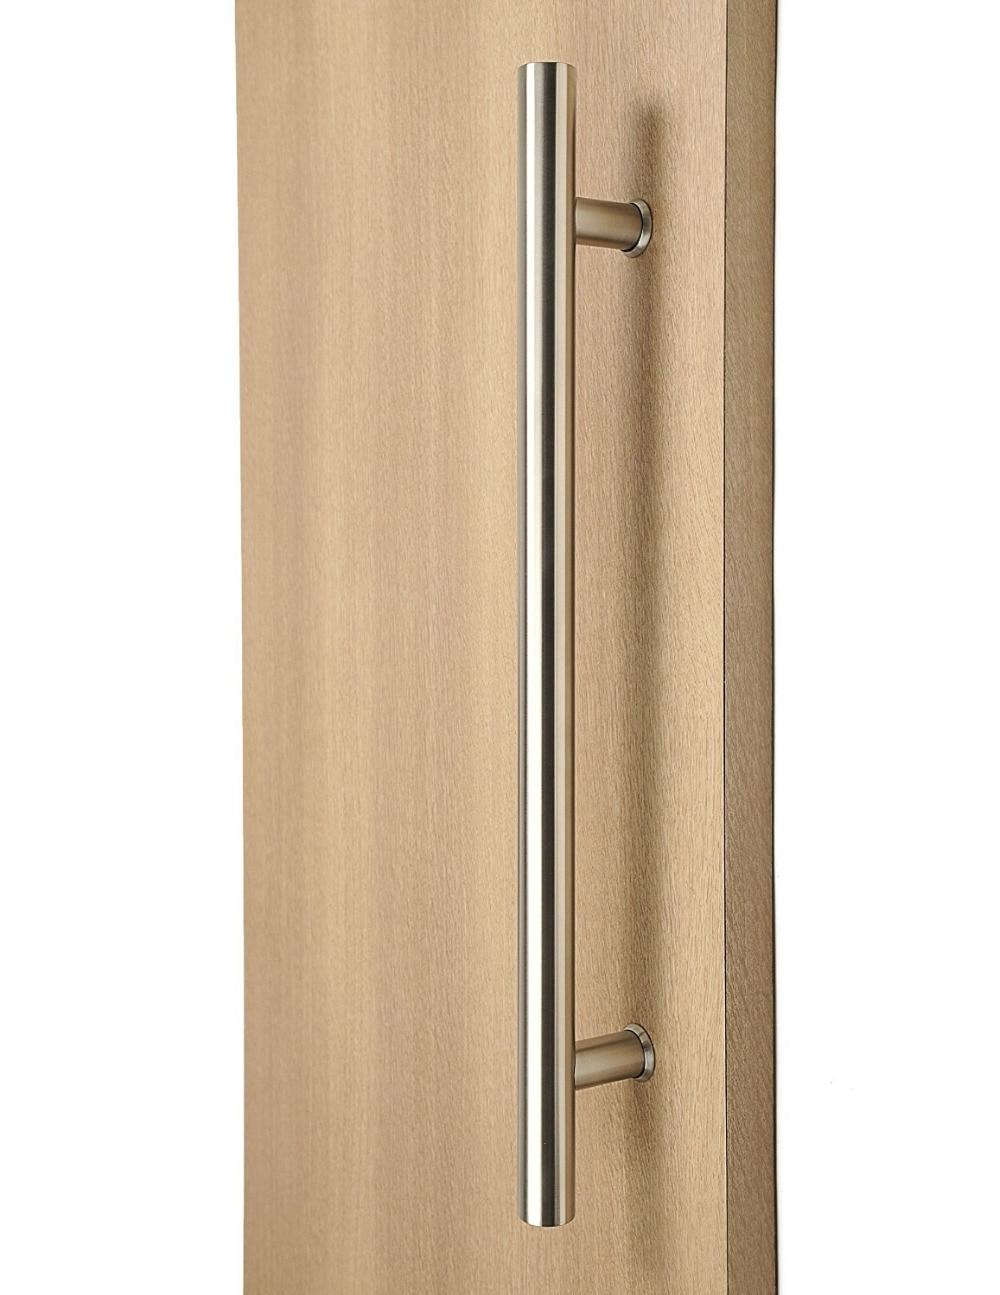 Aliexpress.com : Buy Stainless Steel Barn Door Long Handle ...